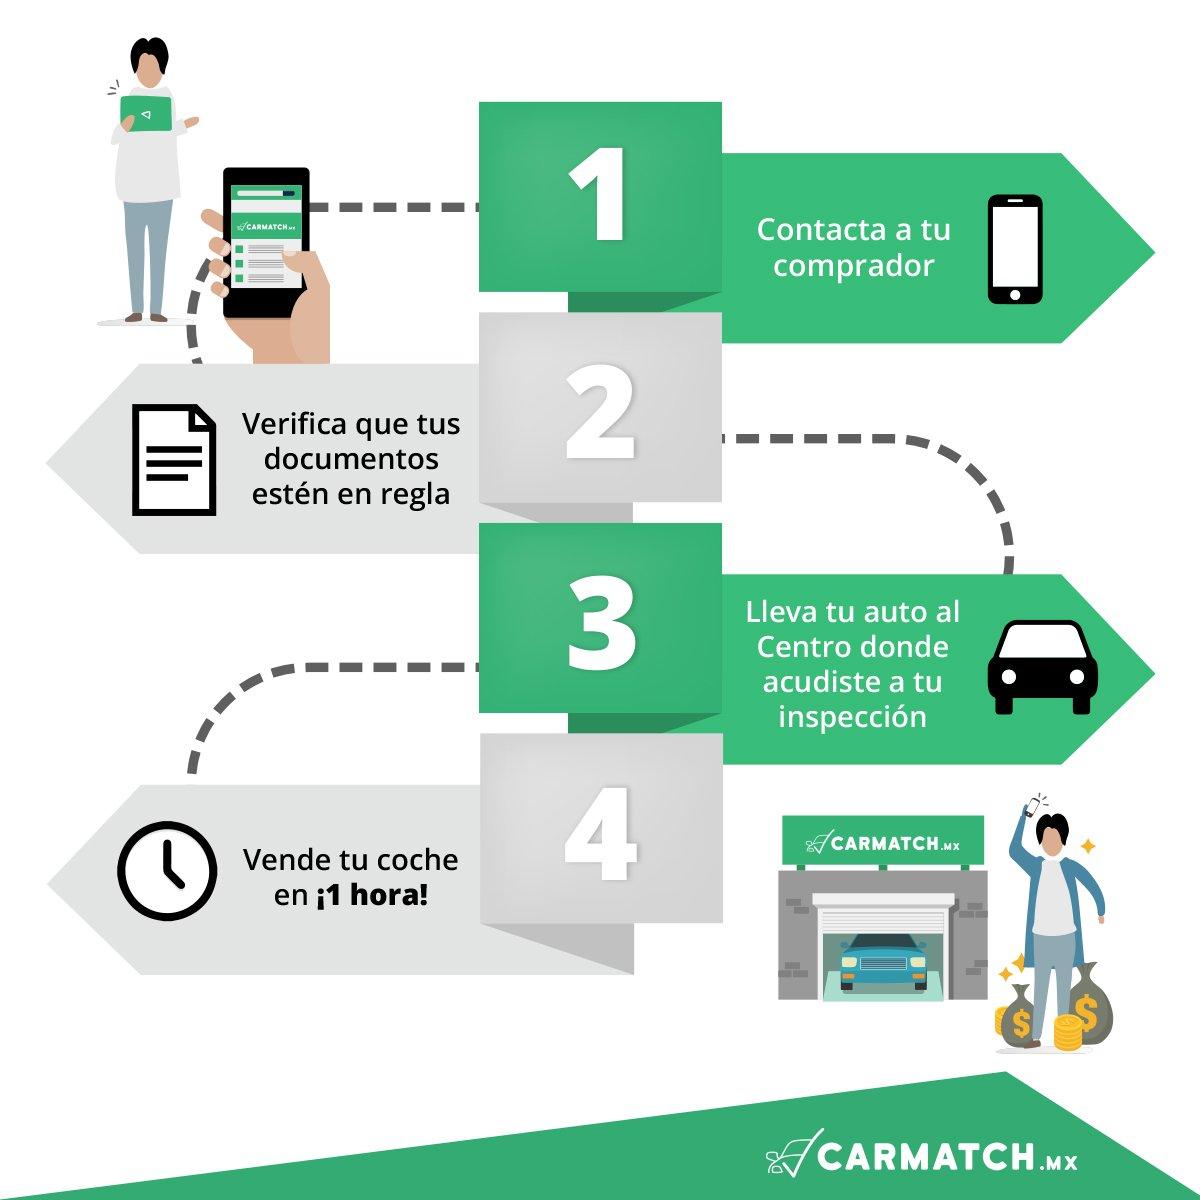 ¿No sabes qué paso sigue después de aceptar tu oferta?  Sigue los siguientes pasos y vende tu coche en ¡1 hora en CarmatchMx!🚙👍💰 https://t.co/BW73ke4h2D